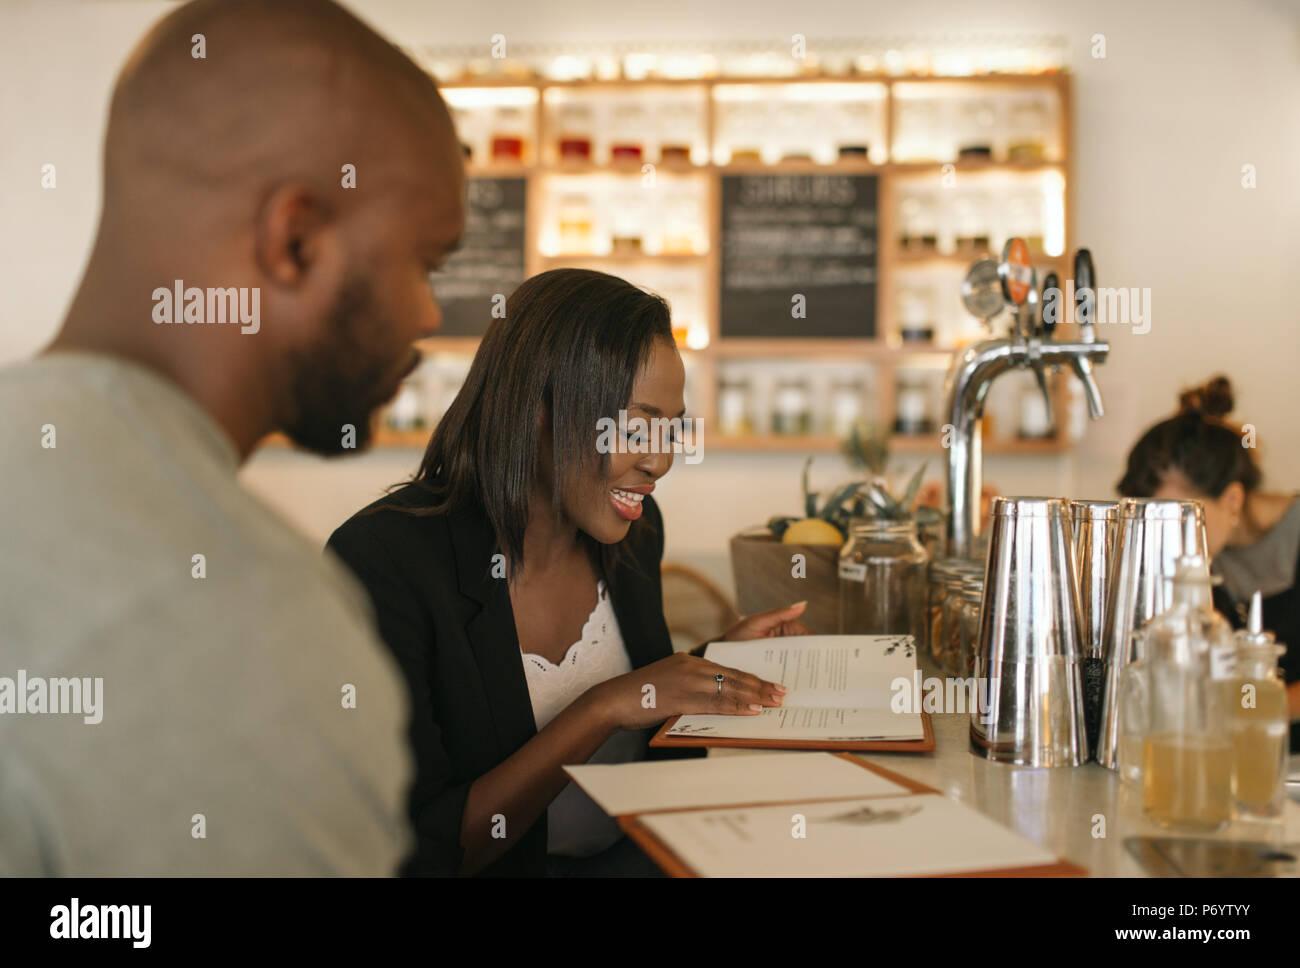 Sonriente joven afroamericano Pareja leyendo los menús en un bar. Imagen De Stock